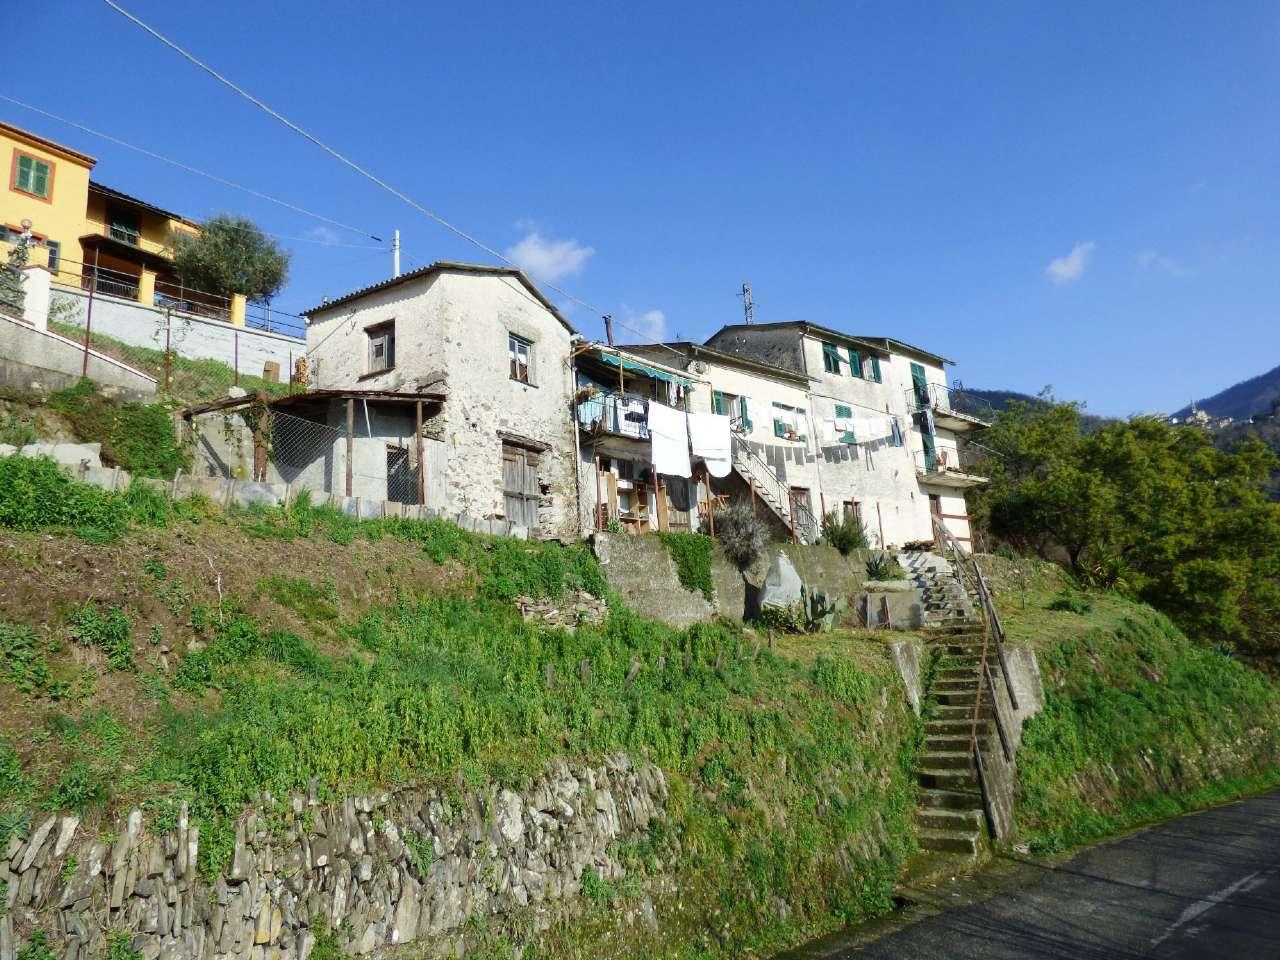 Soluzione Indipendente in vendita a Cicagna, 12 locali, prezzo € 75.000 | PortaleAgenzieImmobiliari.it